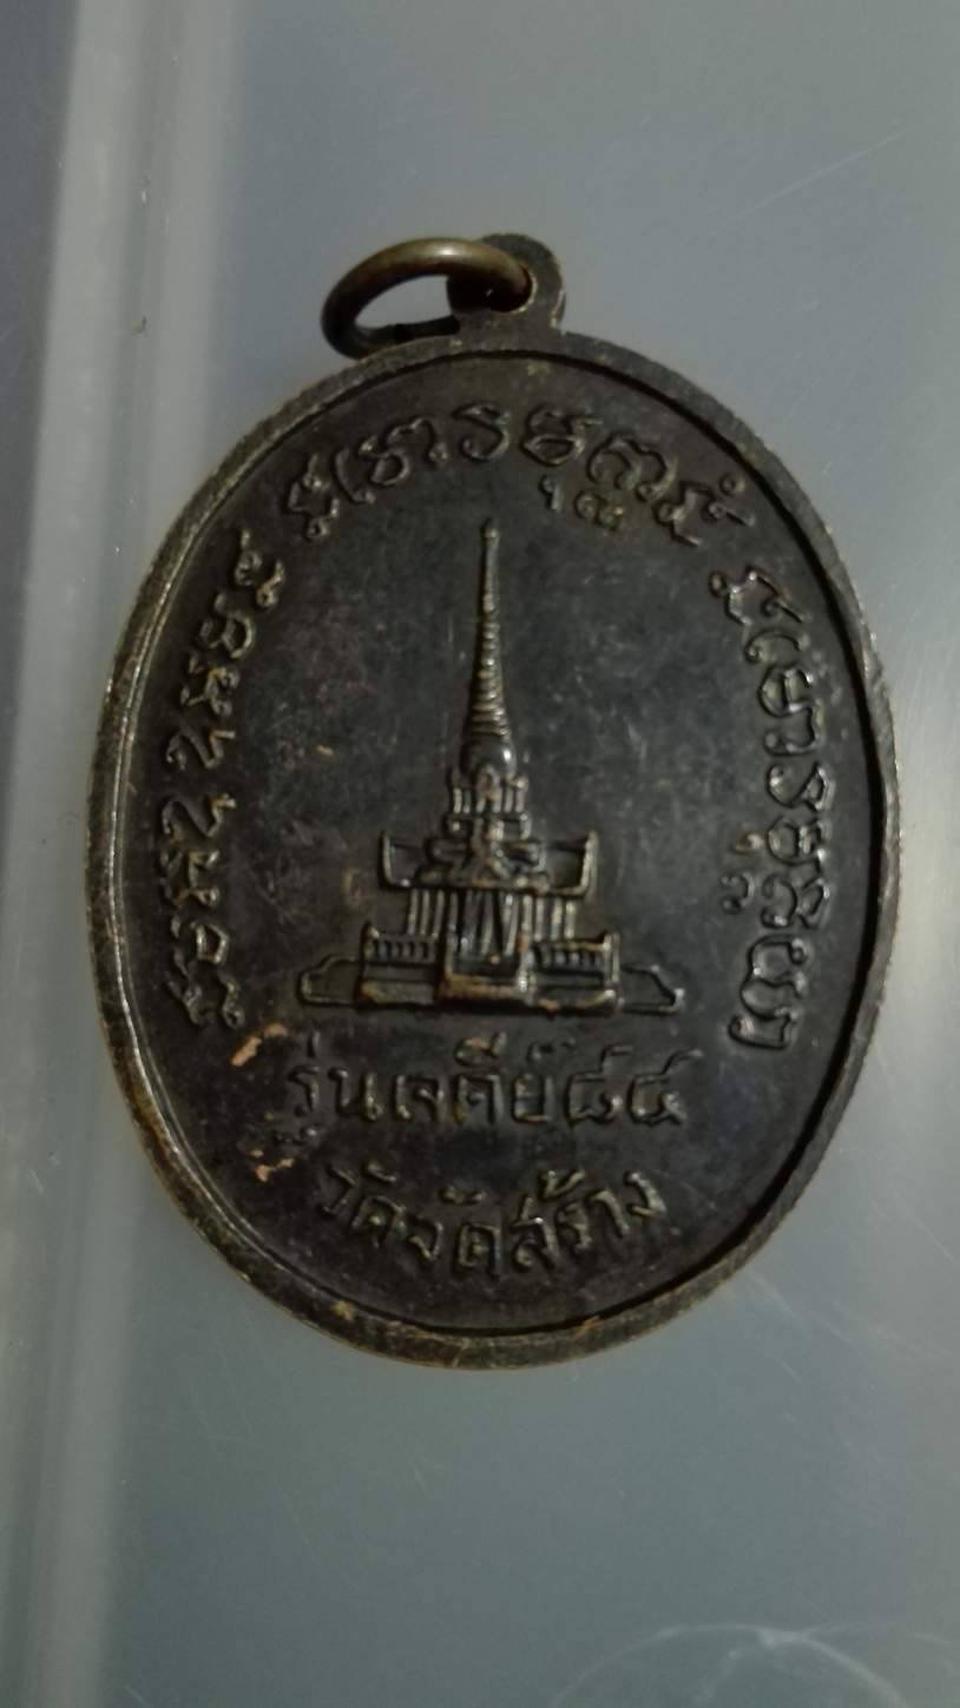 เหรียญหลวงปู่แหวน รุ่นเจดีย์84 ปี2517 วัดดอยแม่ปั๋ง เนื้อนวโลหะ รูปที่ 2